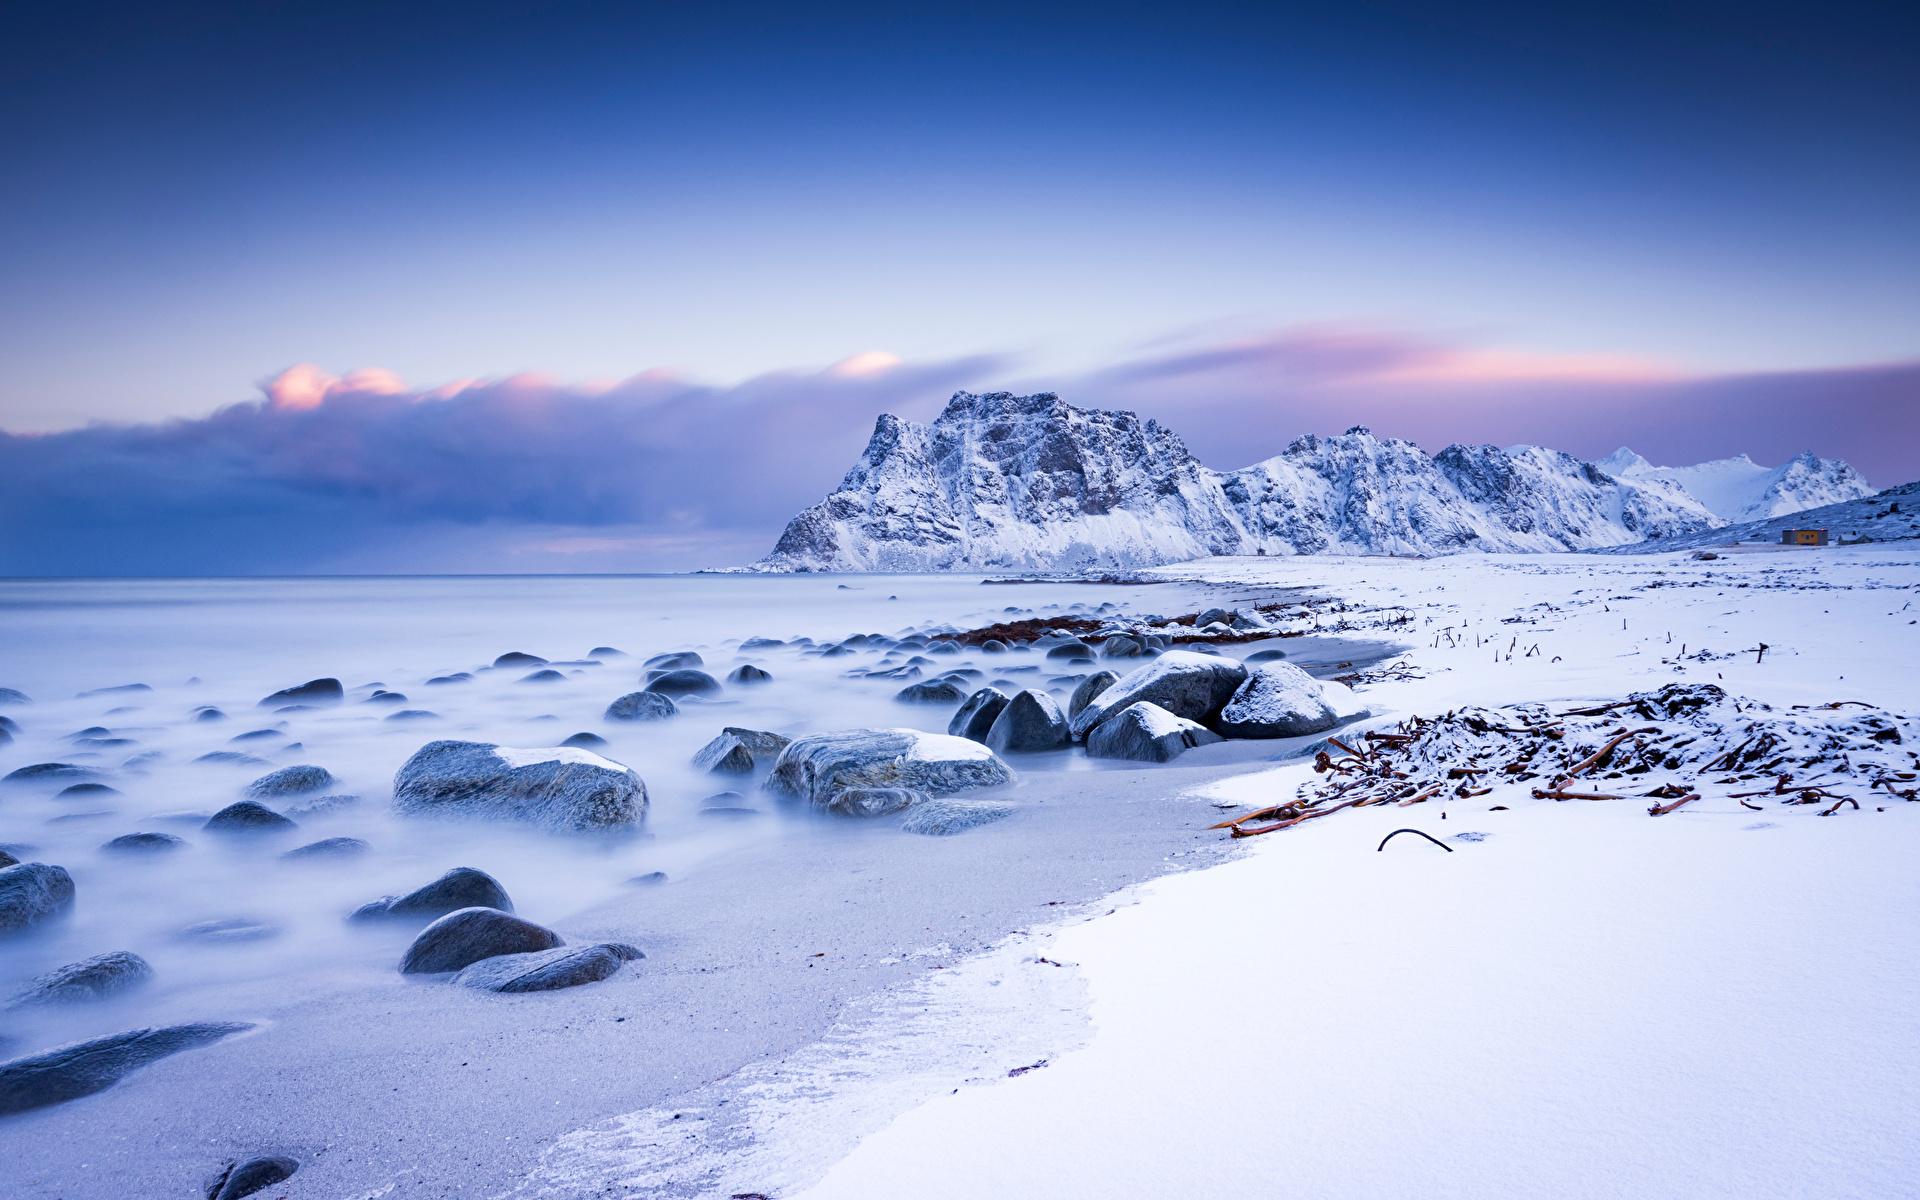 Картинки Лофотенские острова Норвегия Uttakleiv гора Природа Снег Пейзаж 1920x1200 Горы снега снегу снеге